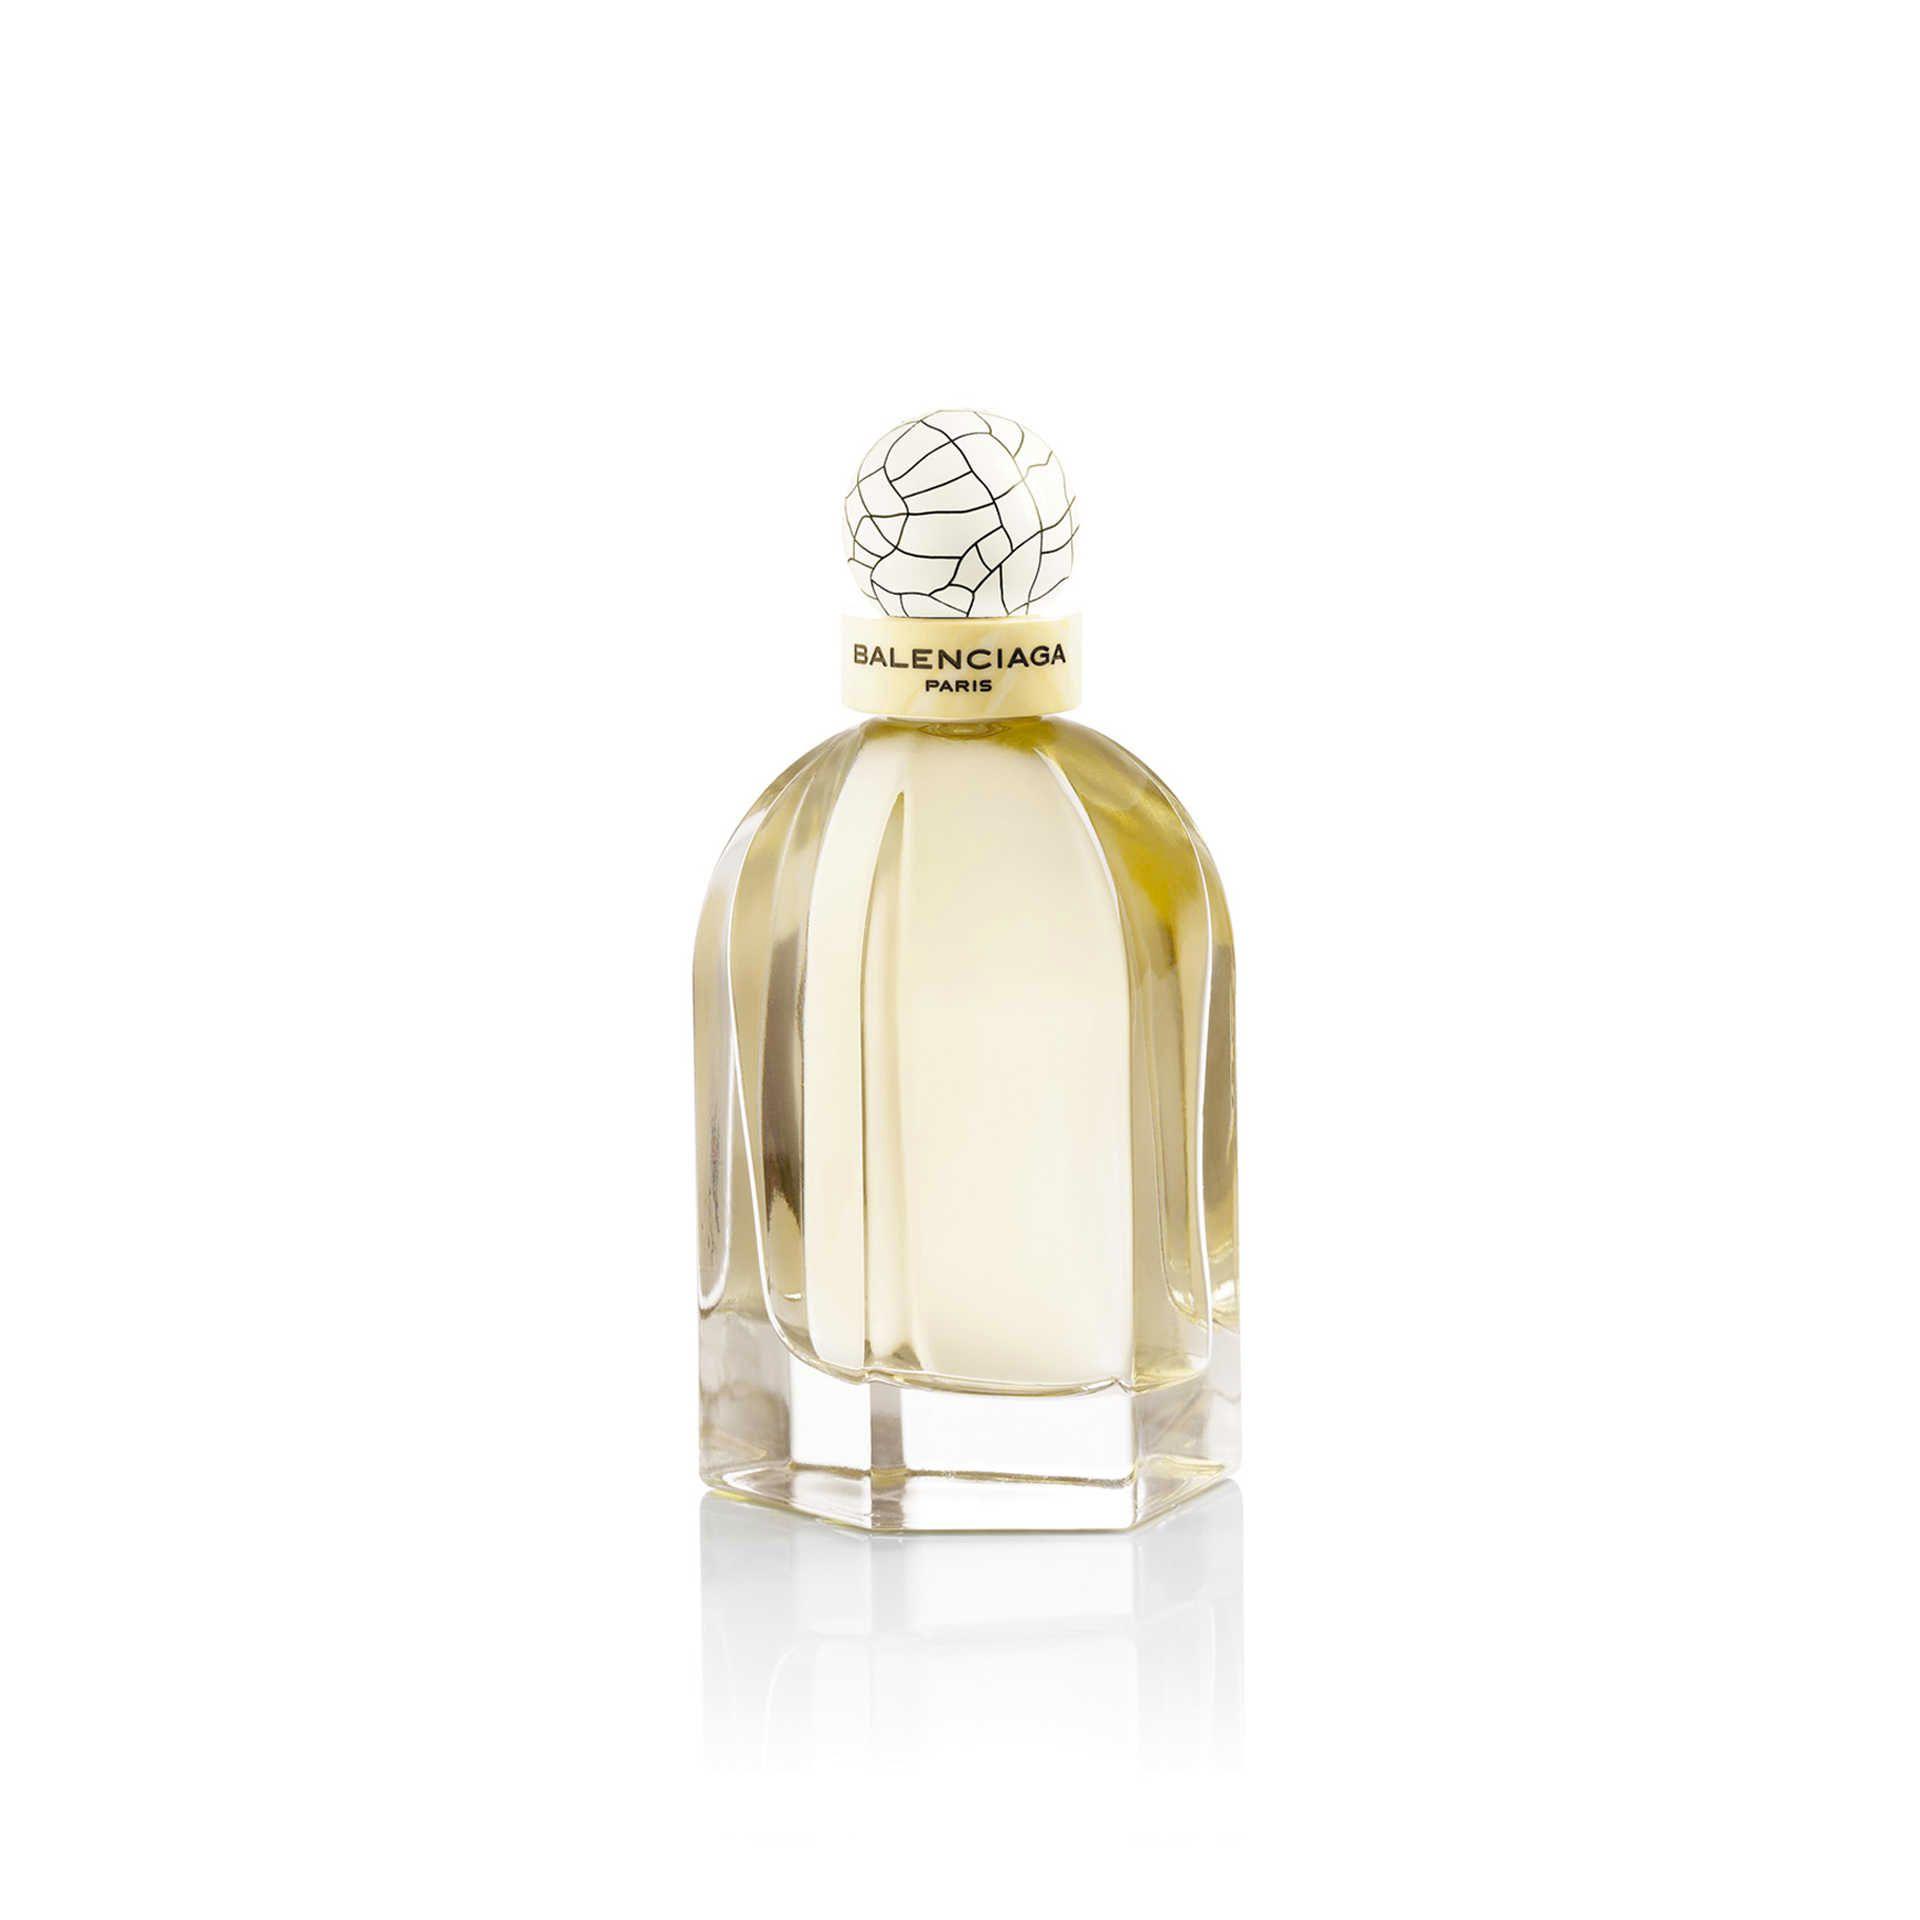 Balenciaga Paris Eau De Parfum 75Ml